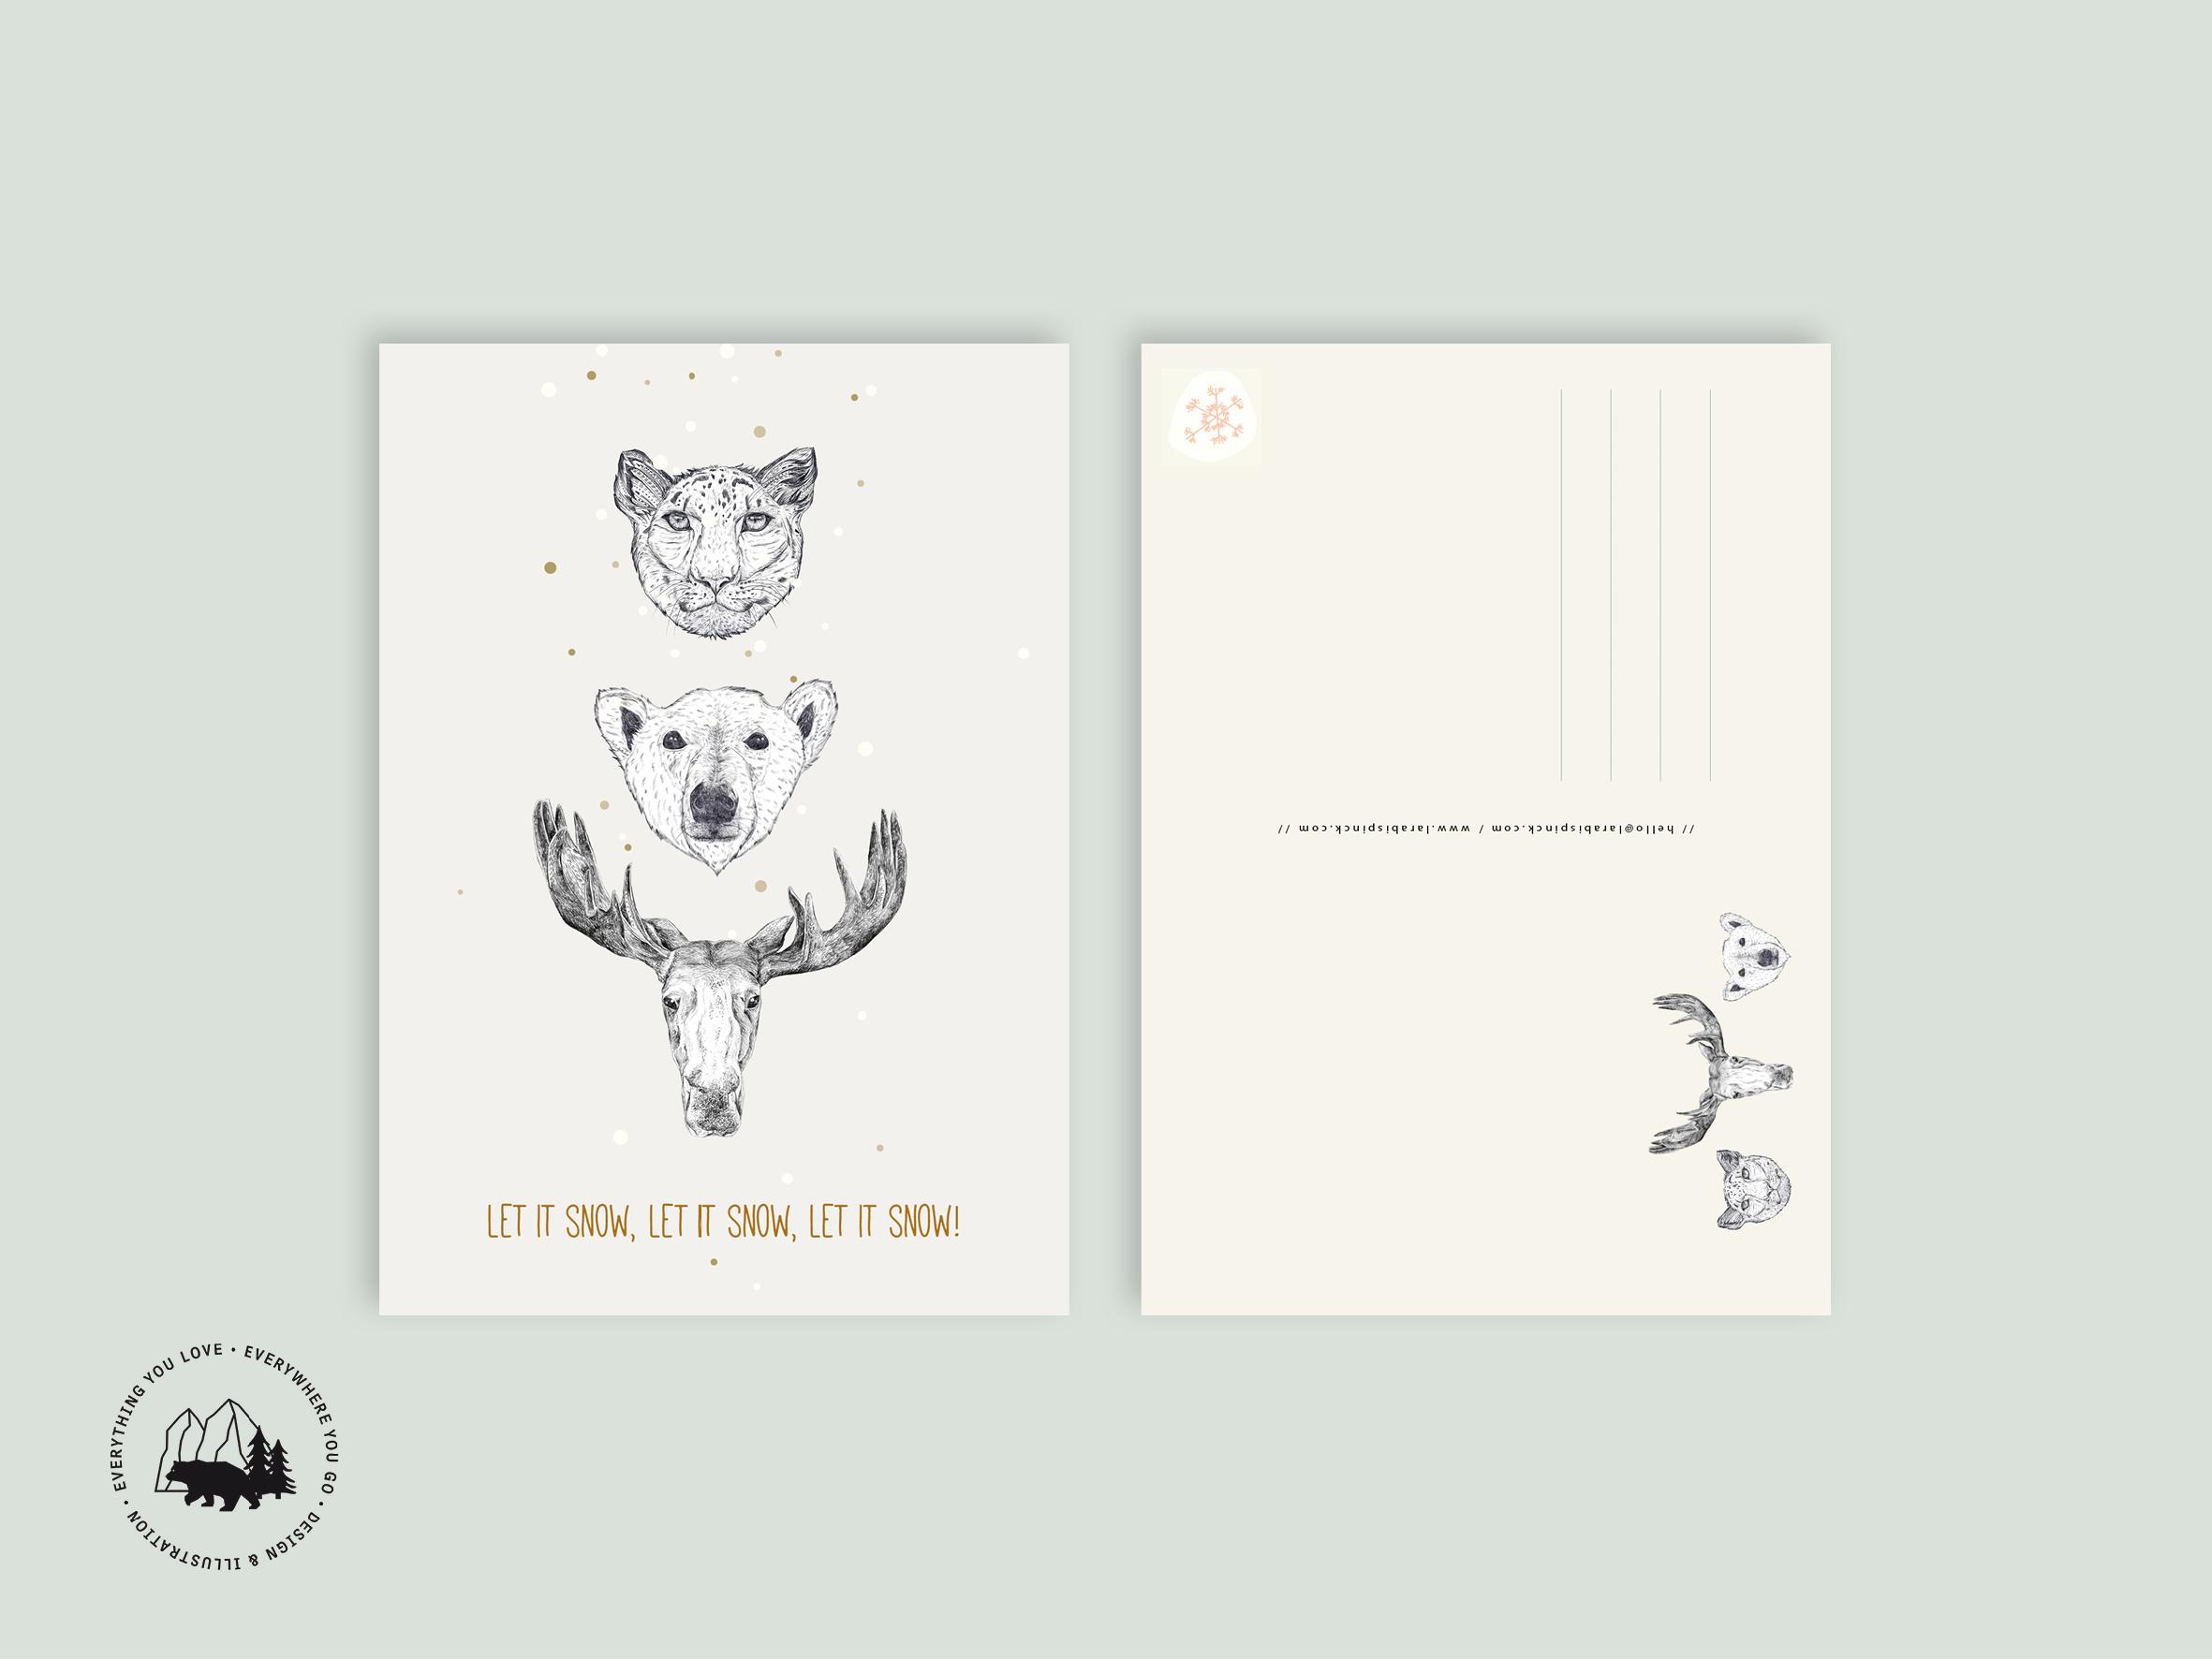 Postkarten_Bispinck_Letitsnow